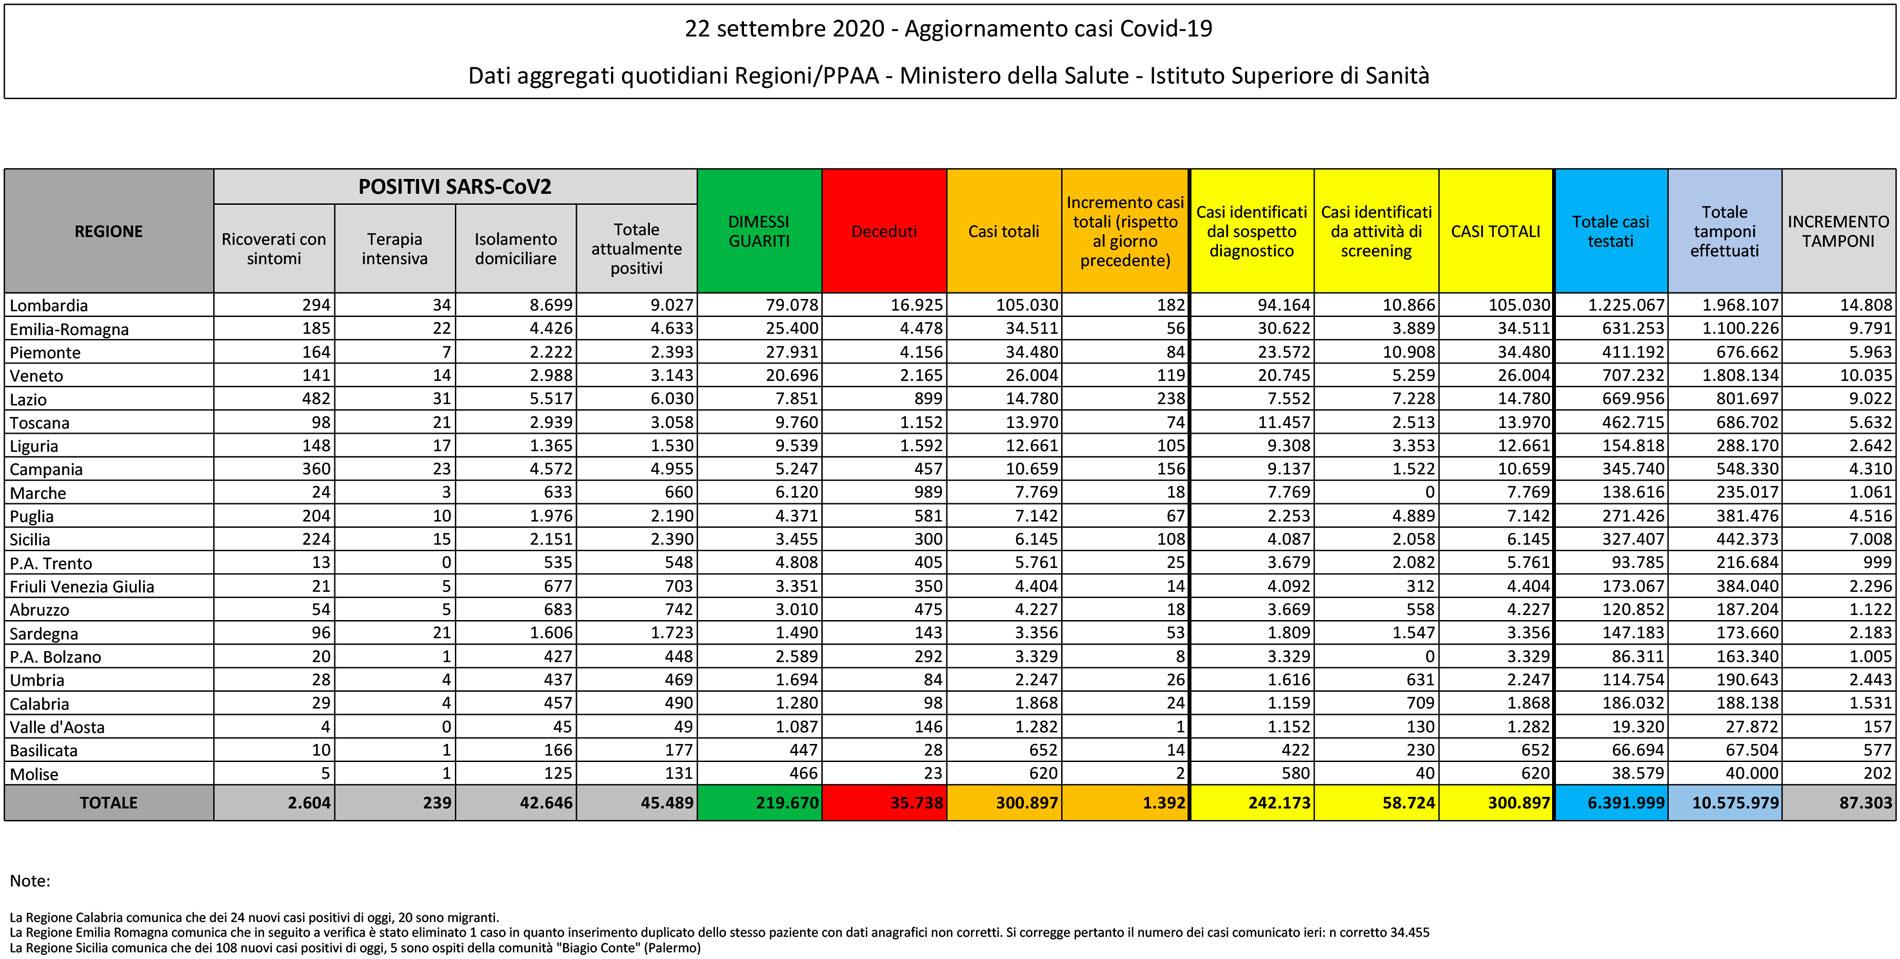 tabella dei dati del bollettino sul coronavirus in italia (e in sicilia) del 22 settembre 2020